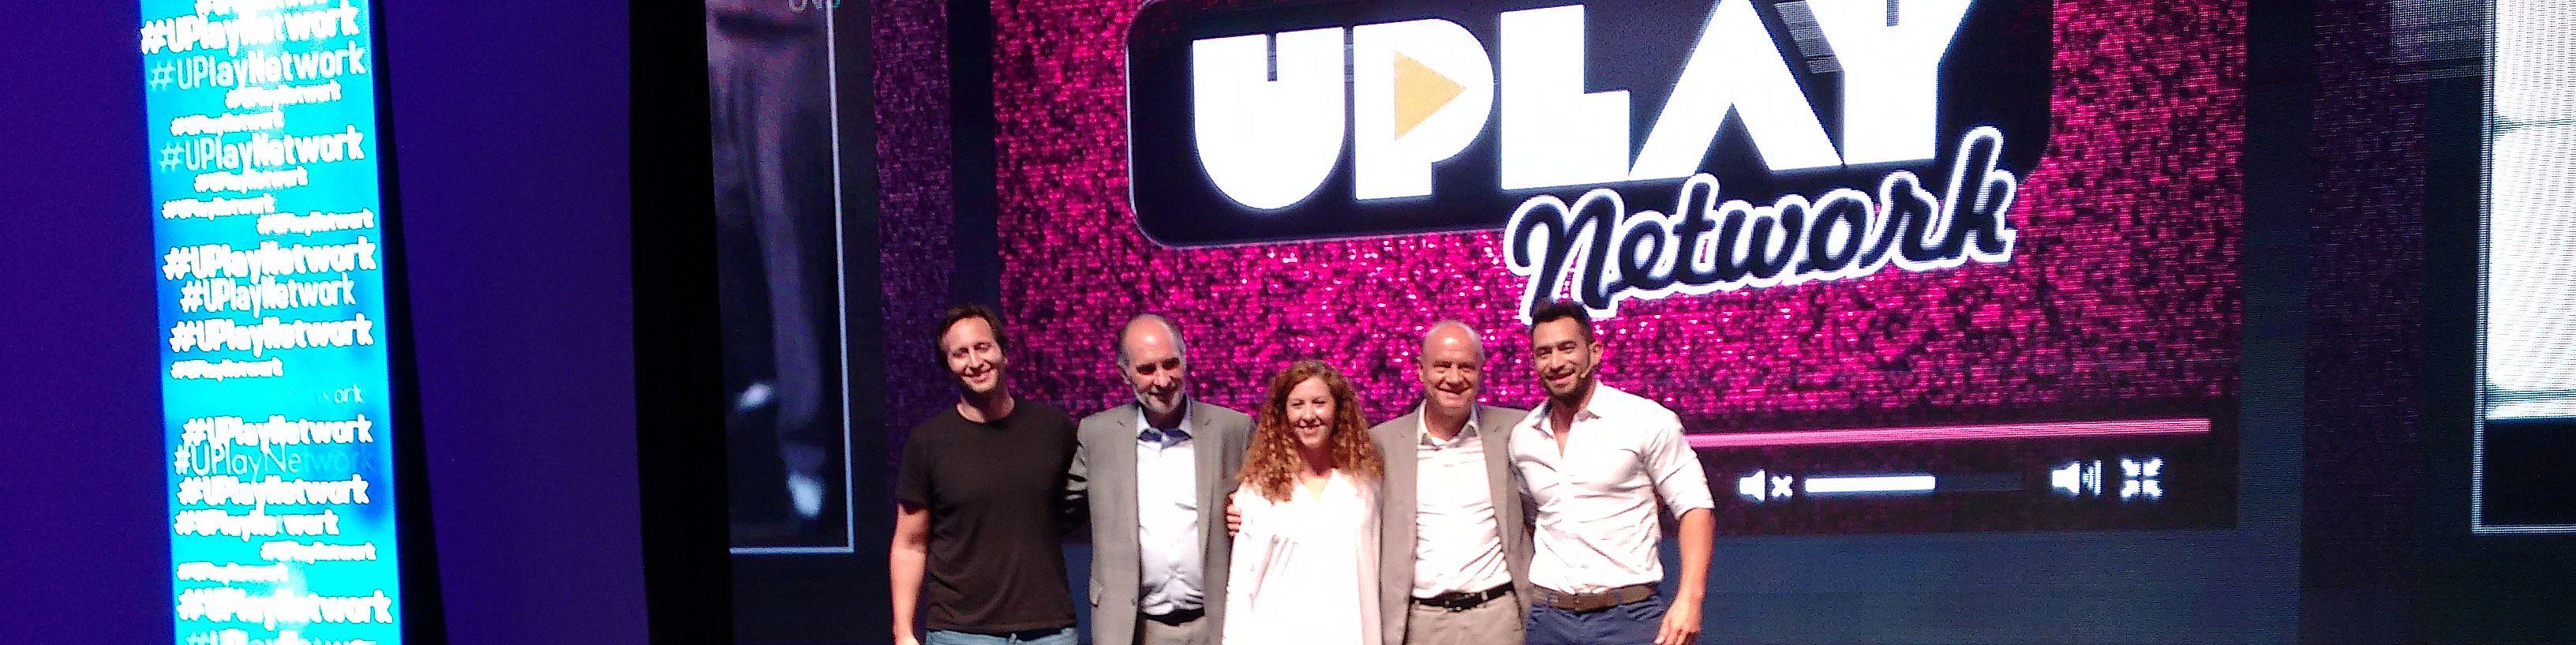 uPlay Network: la oficialización de los youtubers